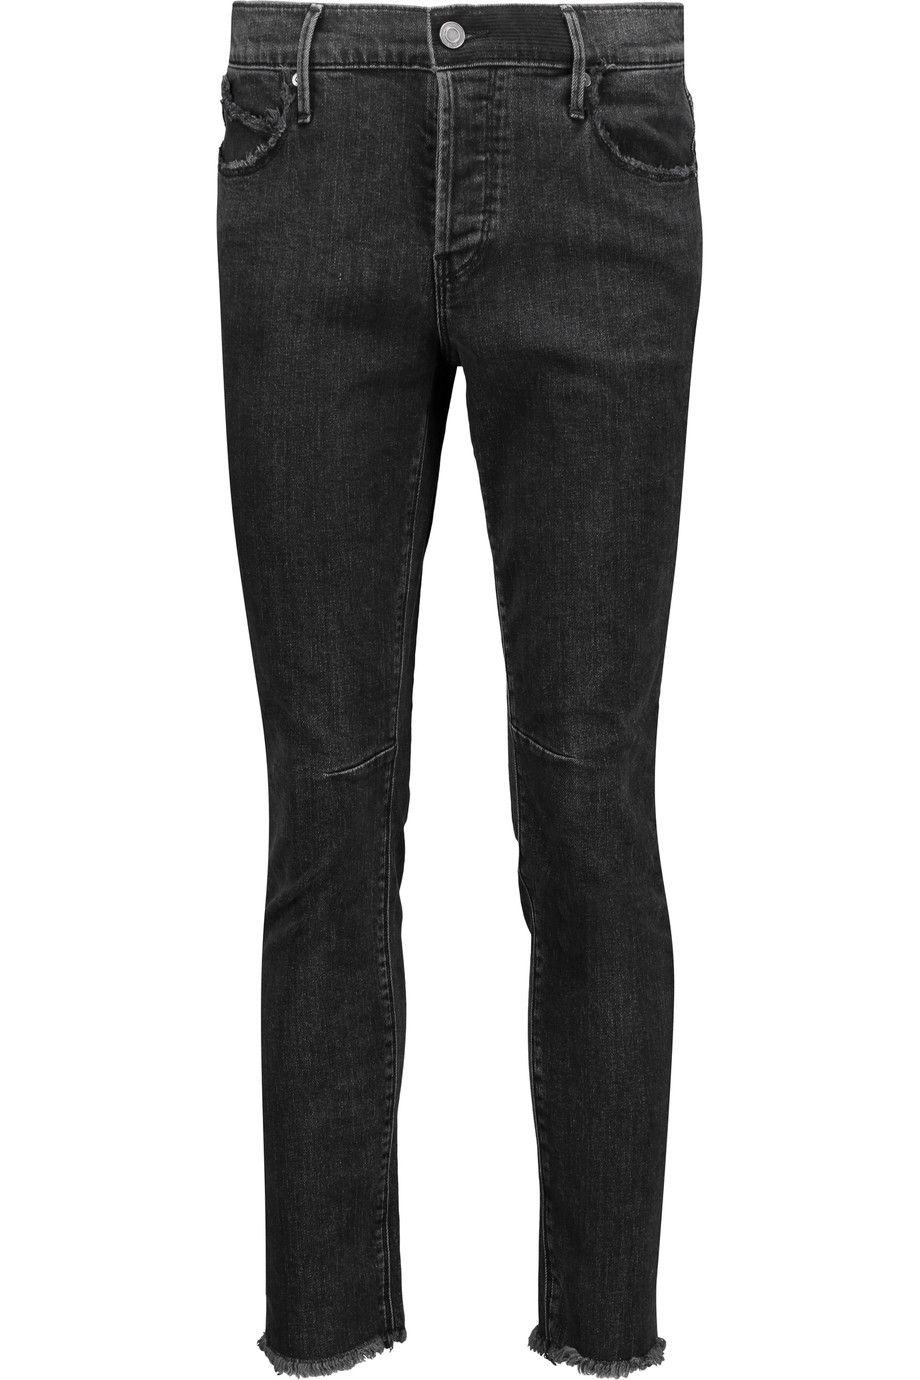 Jeans On Sale, Black, Cotton, 2017, 26 27 Rta